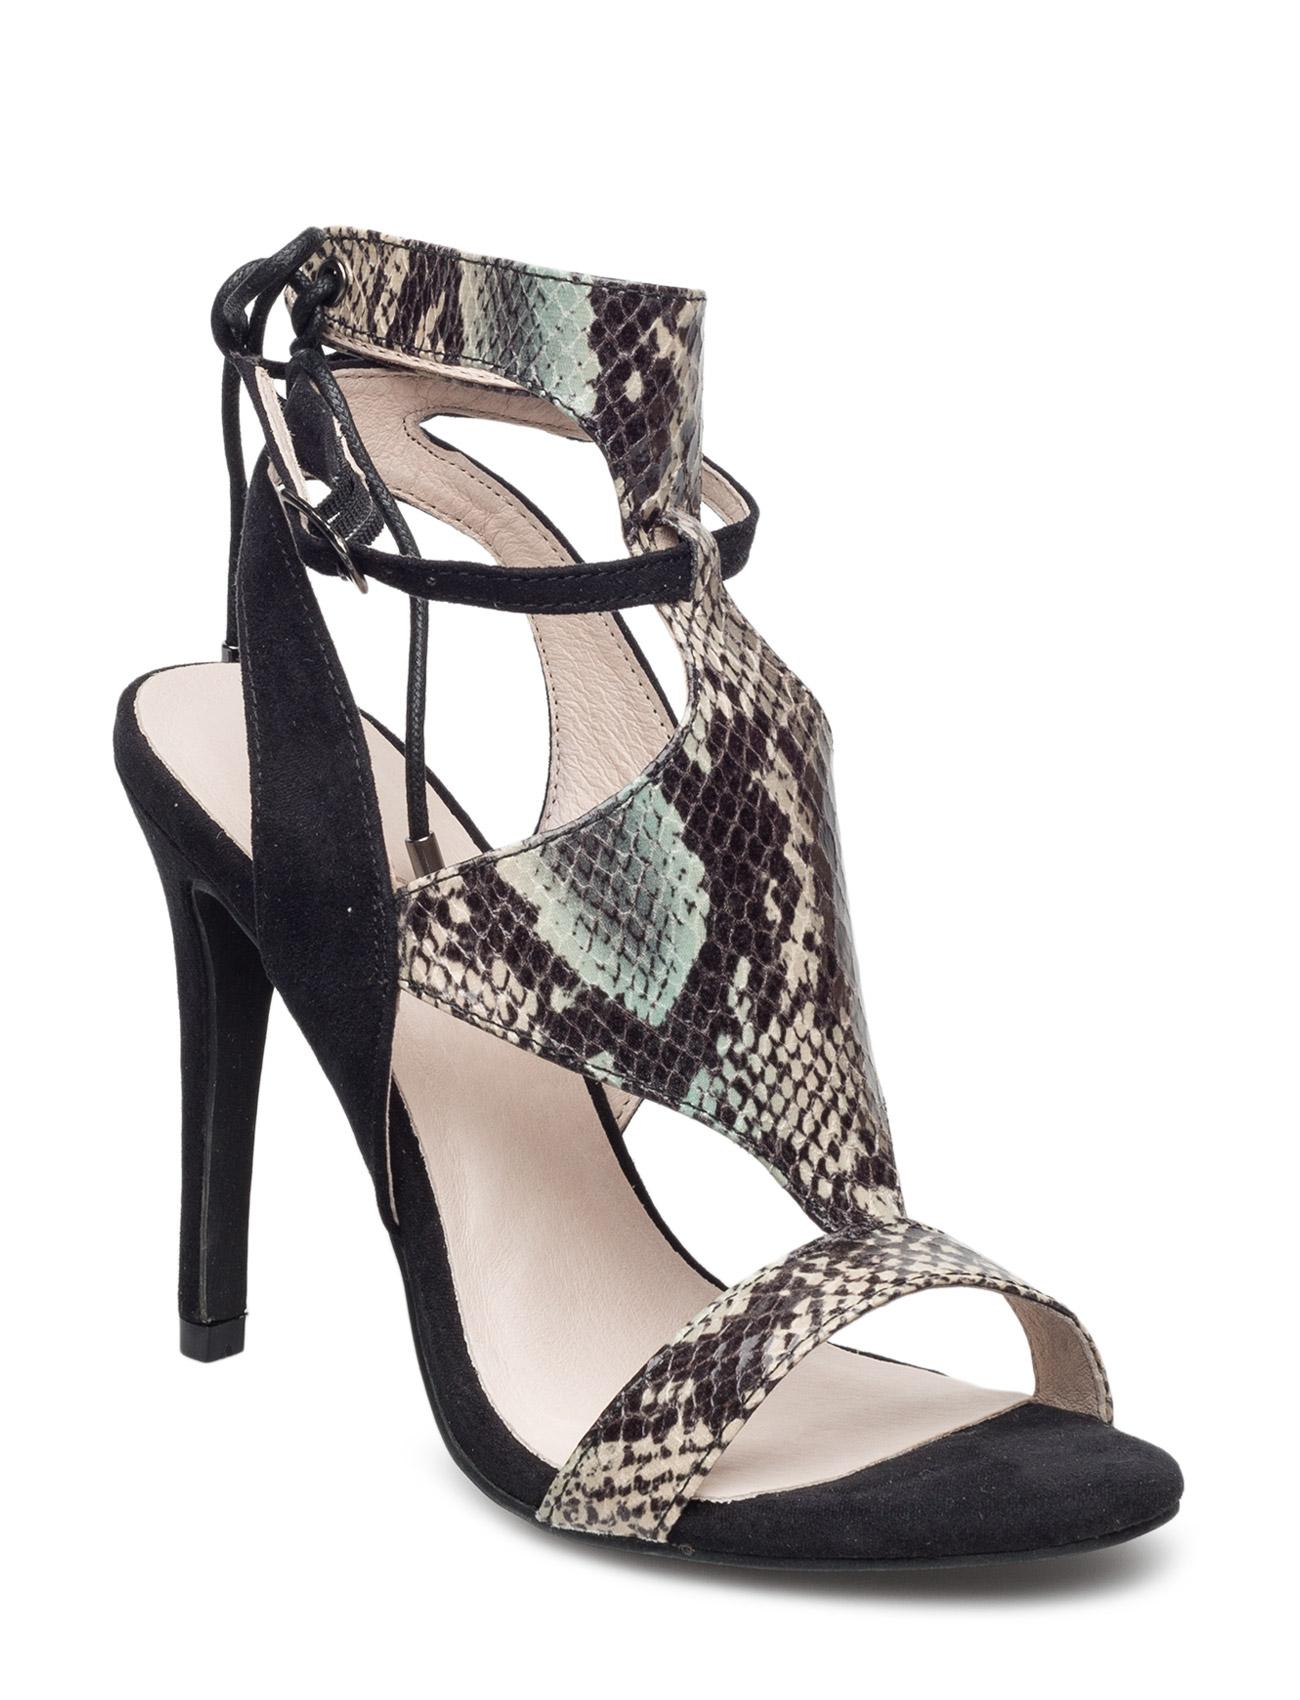 Back Laced Sandal Mam16 Bianco Sandaler til Kvinder i